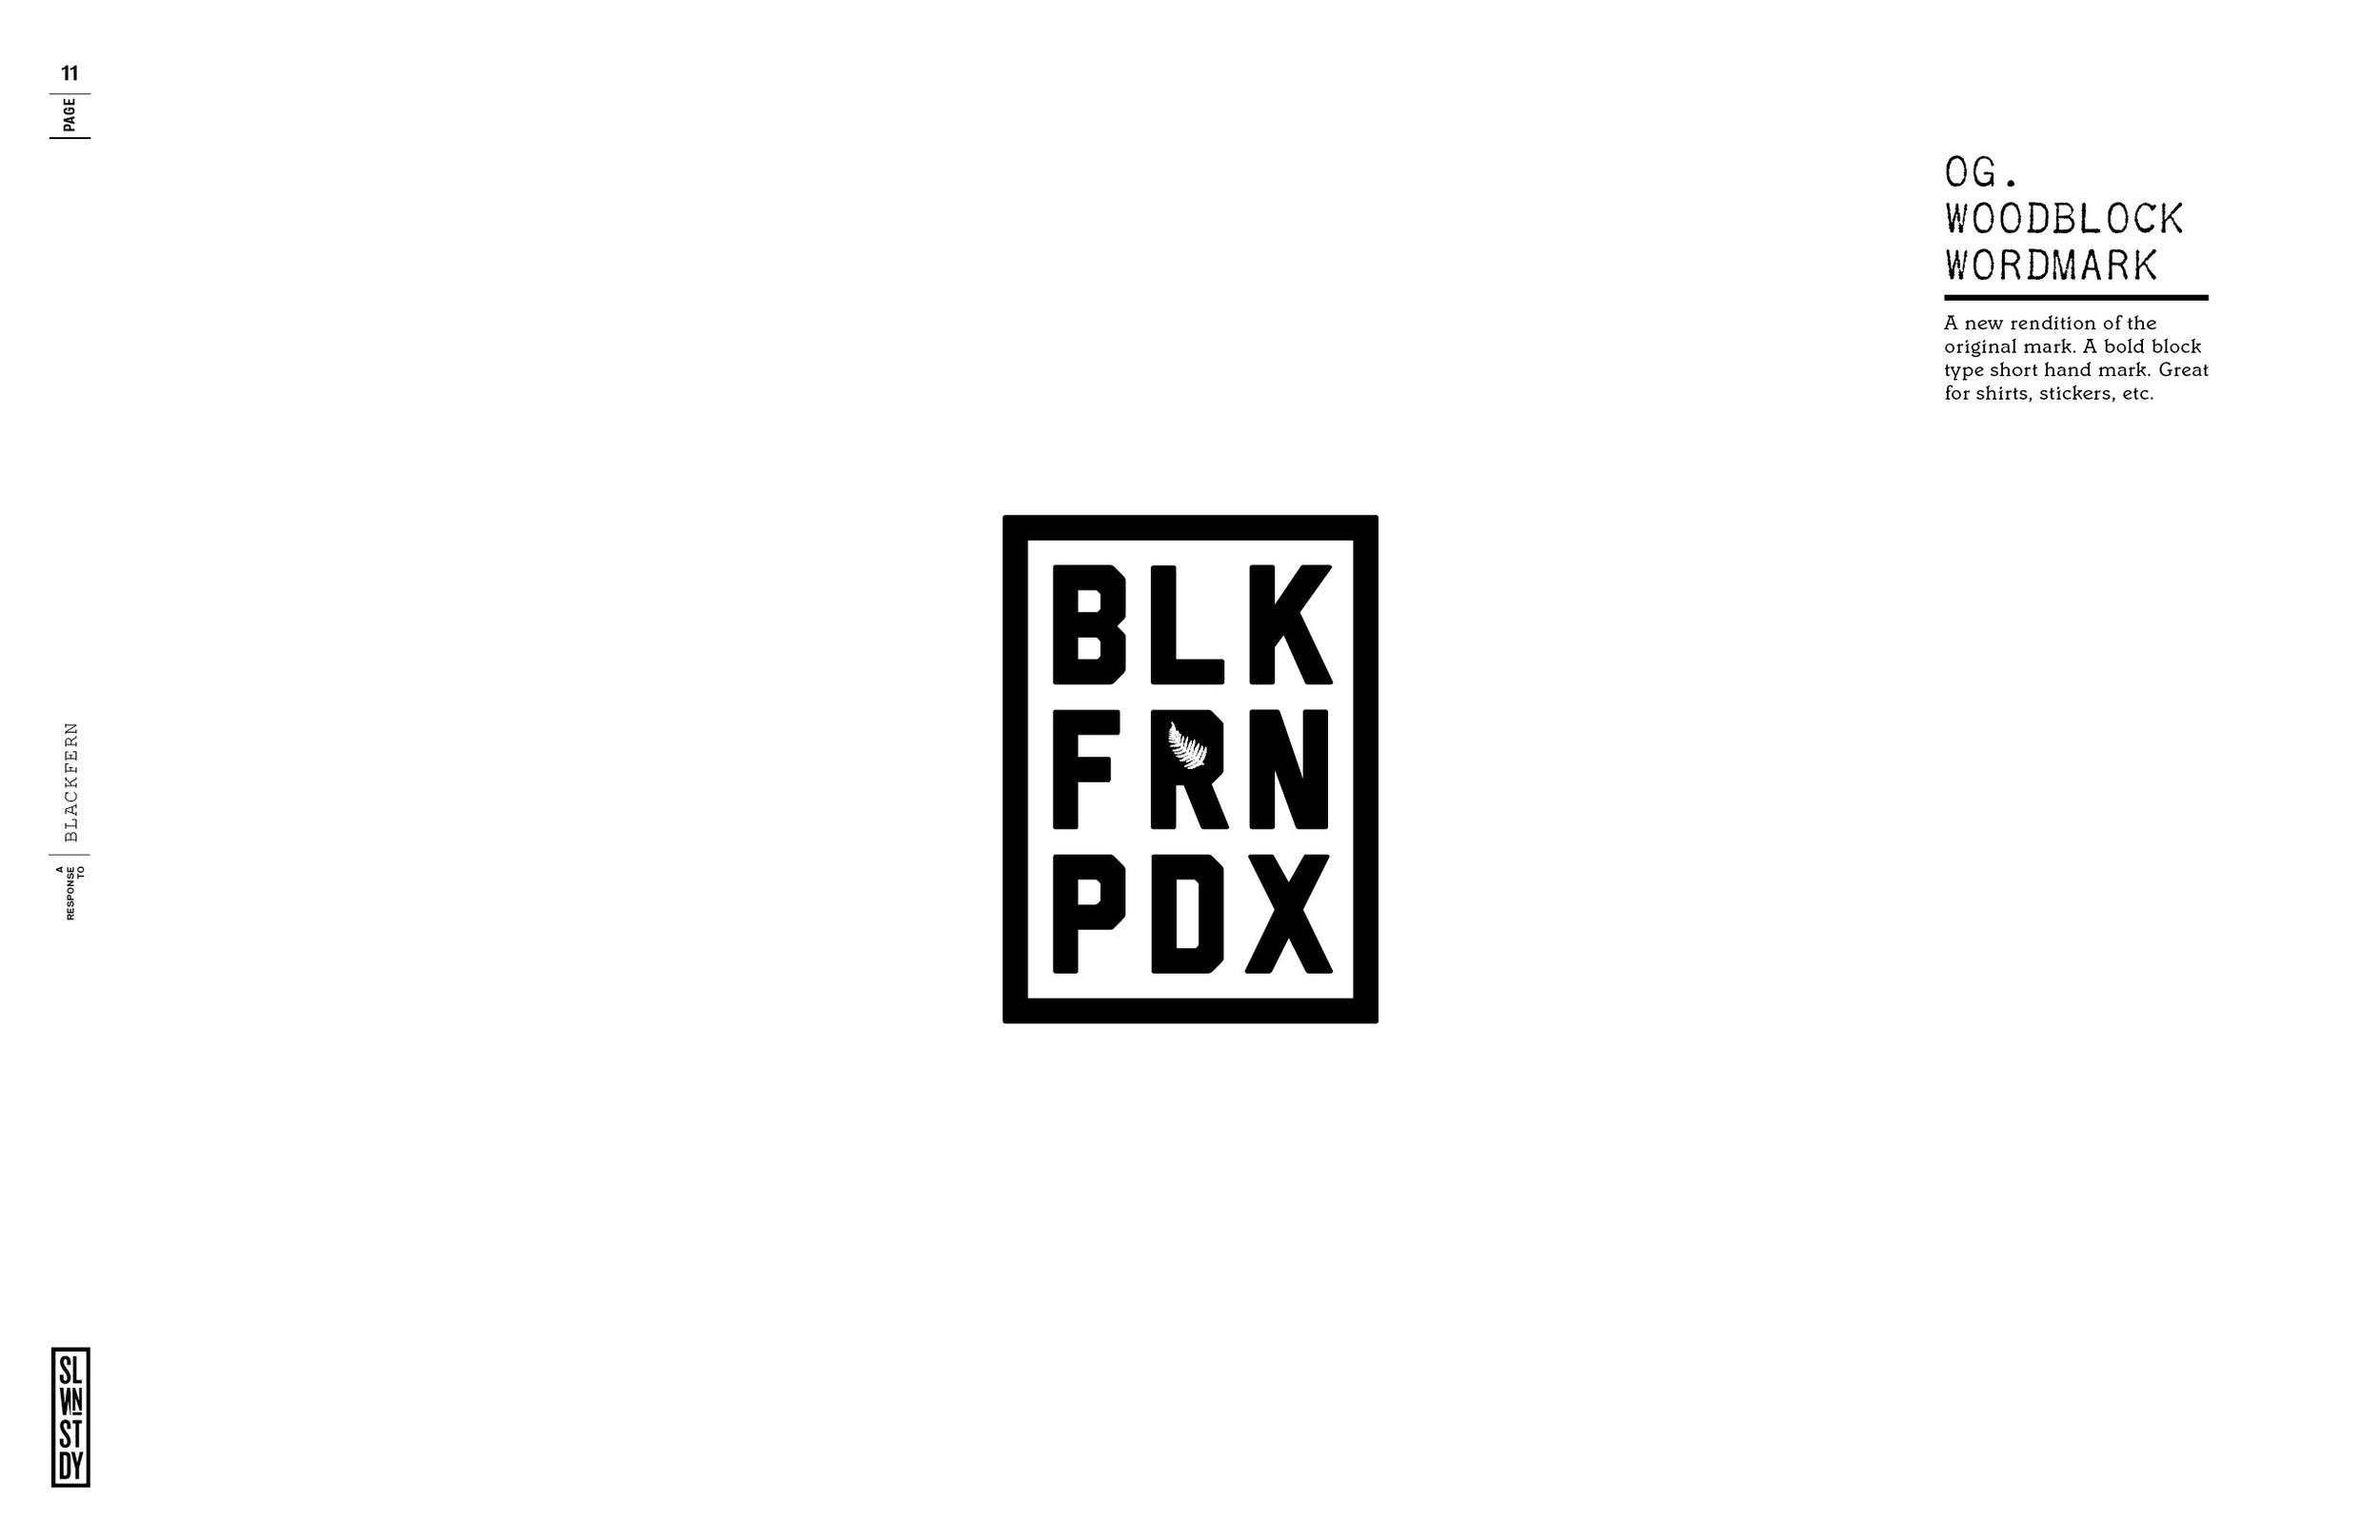 blackfern_v311.jpg